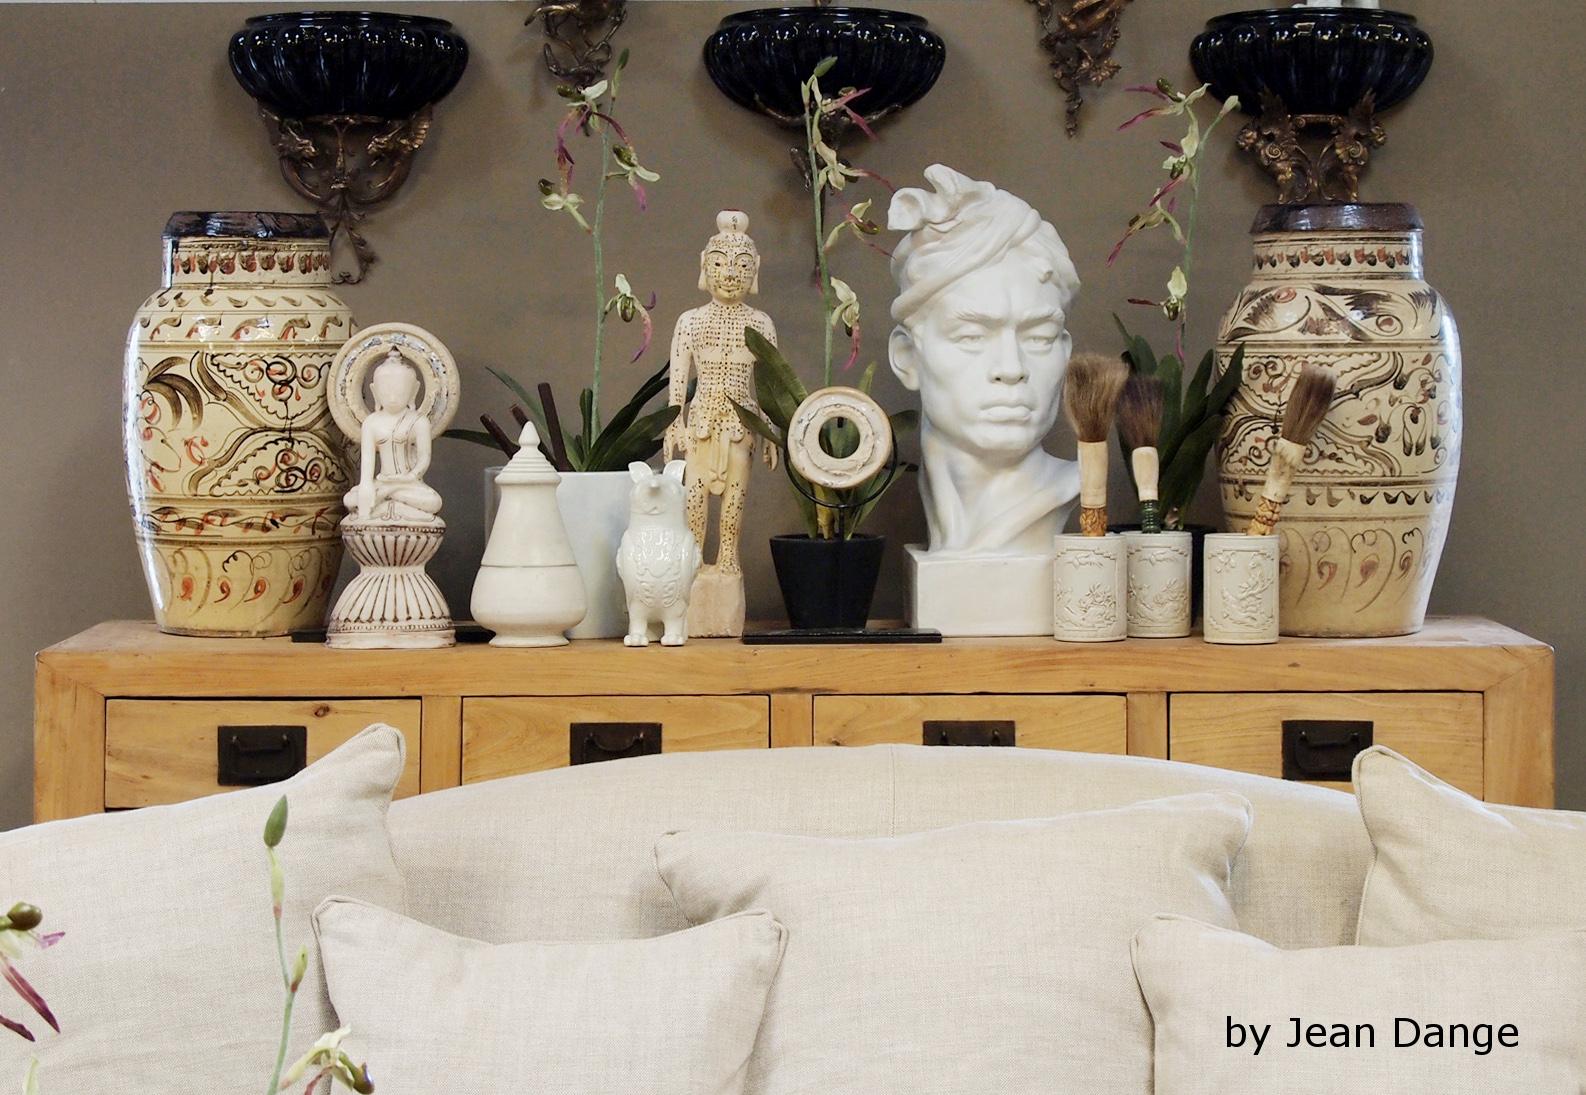 jean dange antiques. Black Bedroom Furniture Sets. Home Design Ideas